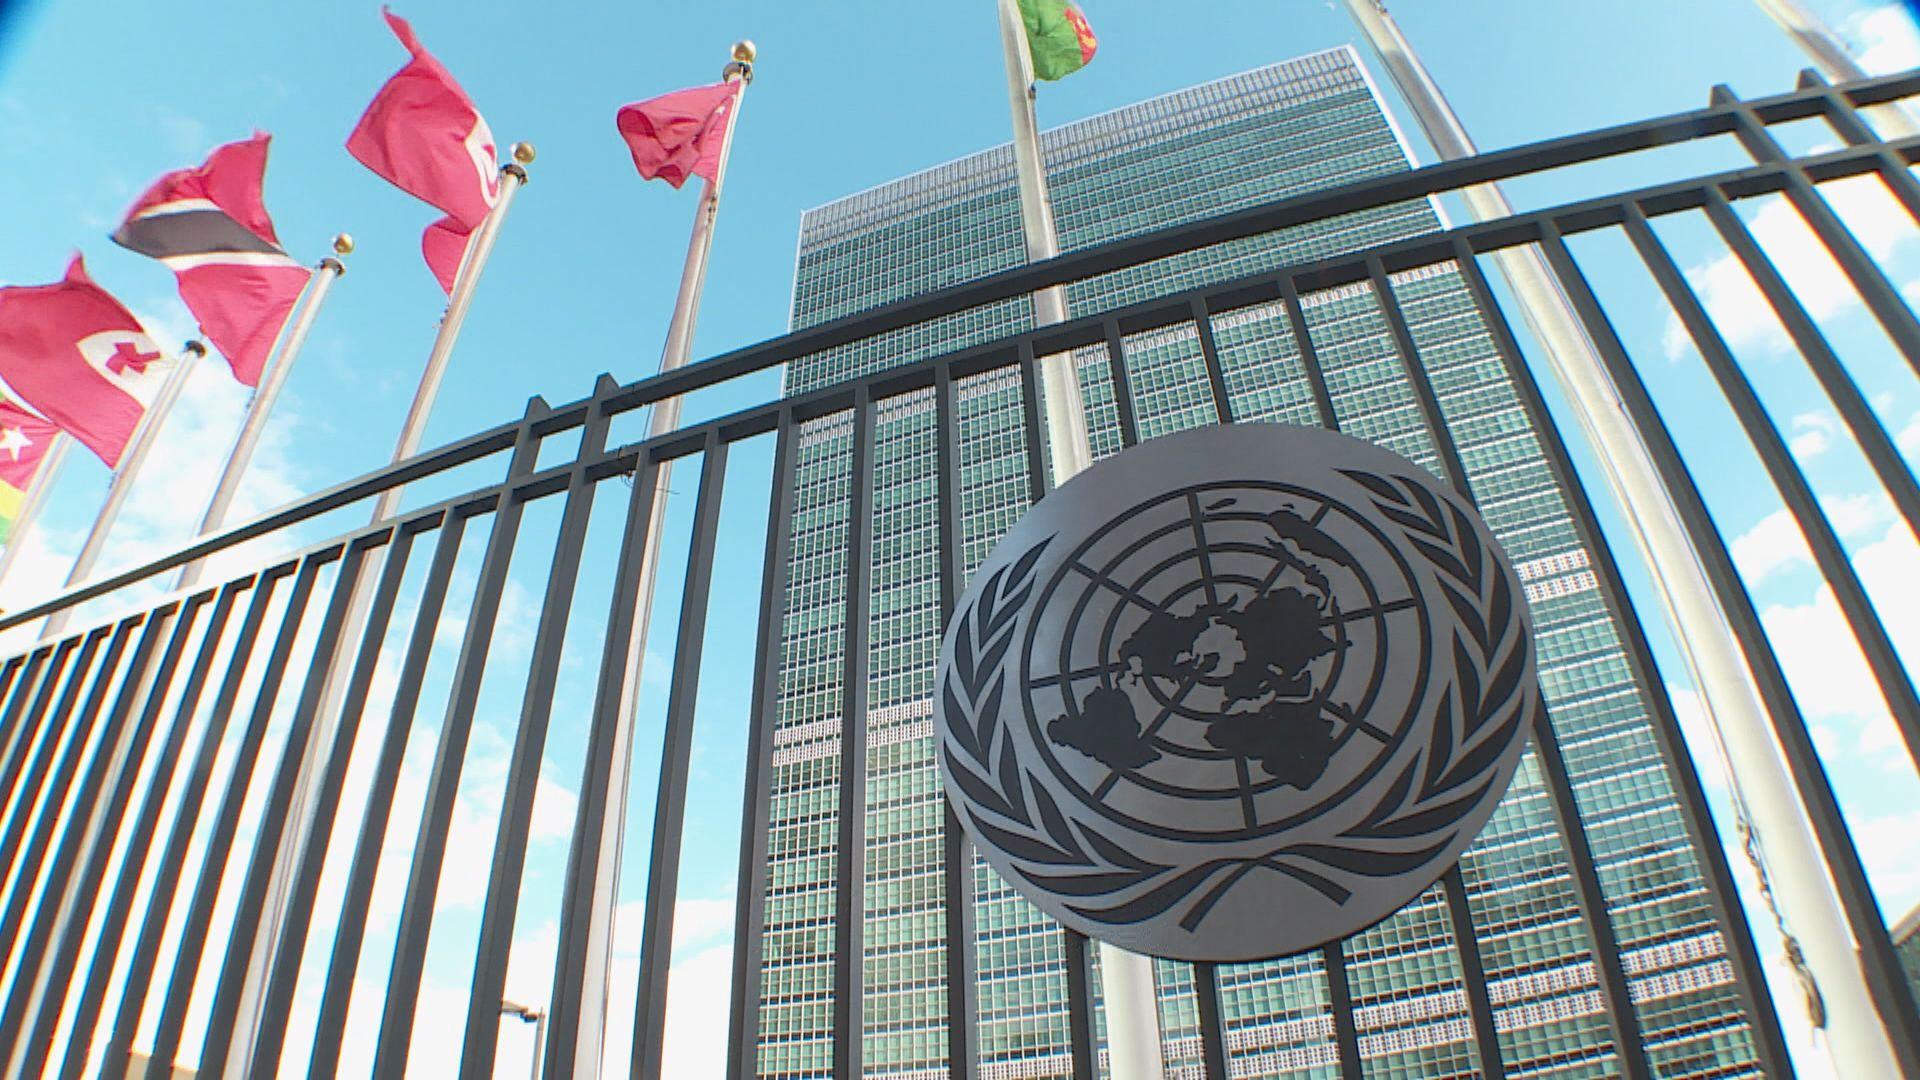 聯合國指北韓發動網絡攻擊竊取資金